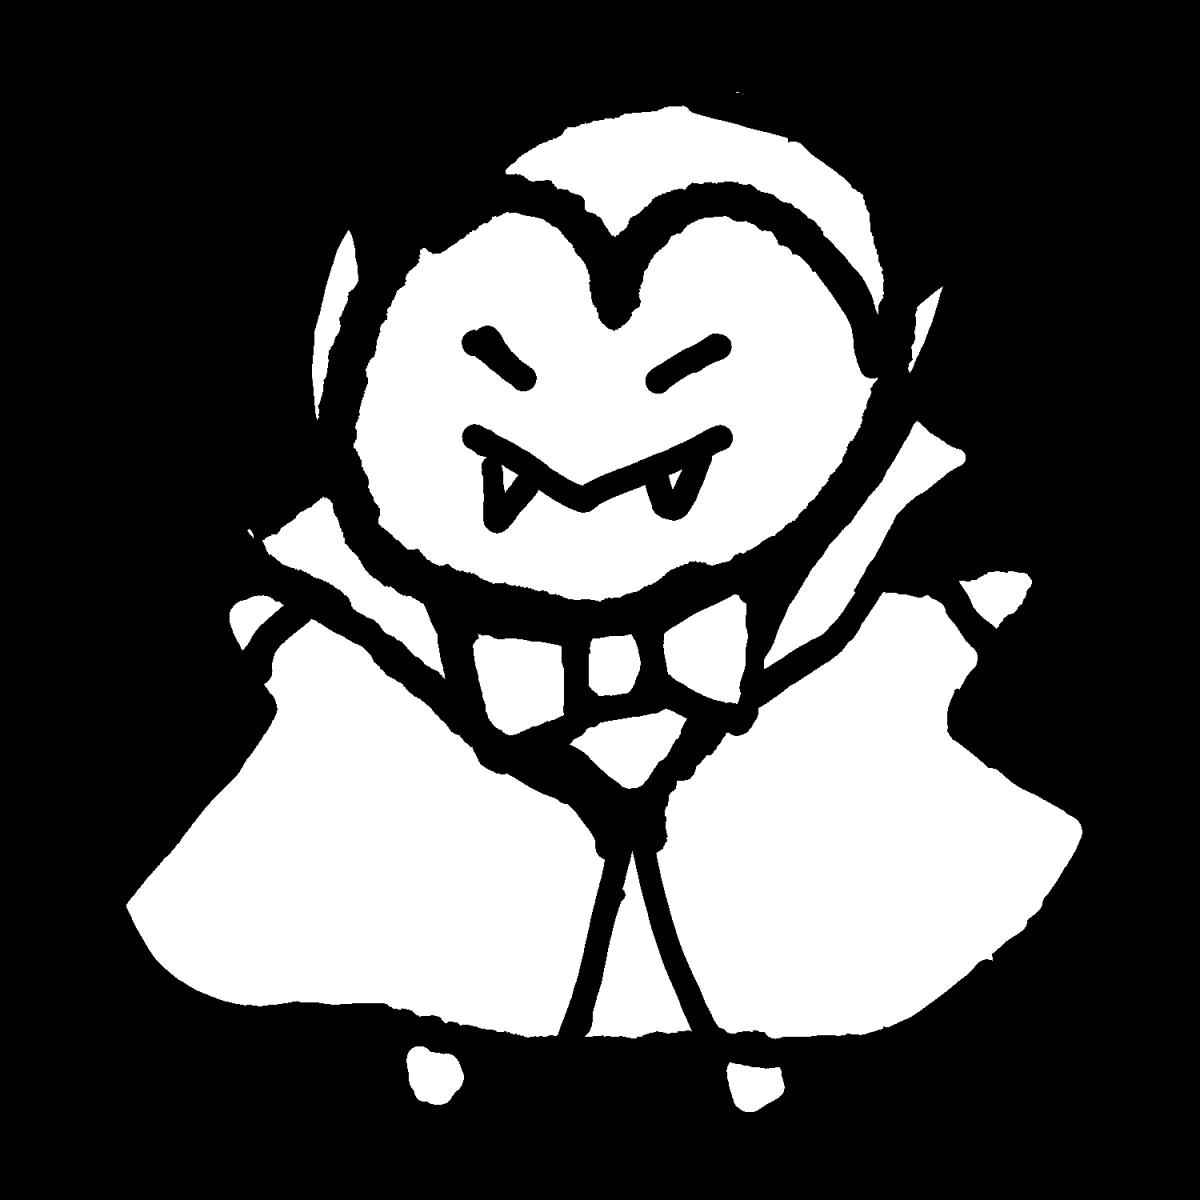 ドラキュラのイラスト / Dracula Illustration